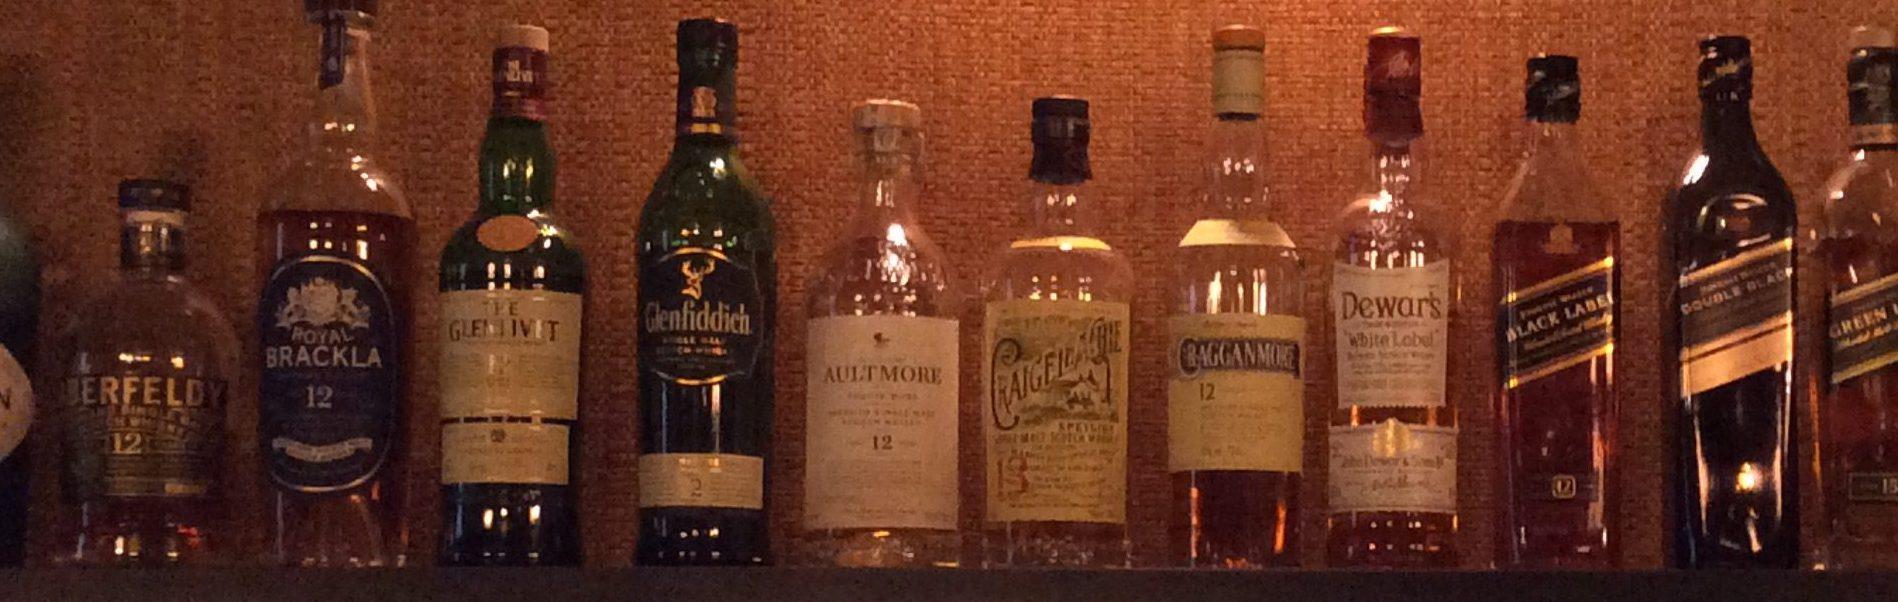 ステップスカラー 日田バー カウンター ウイスキー